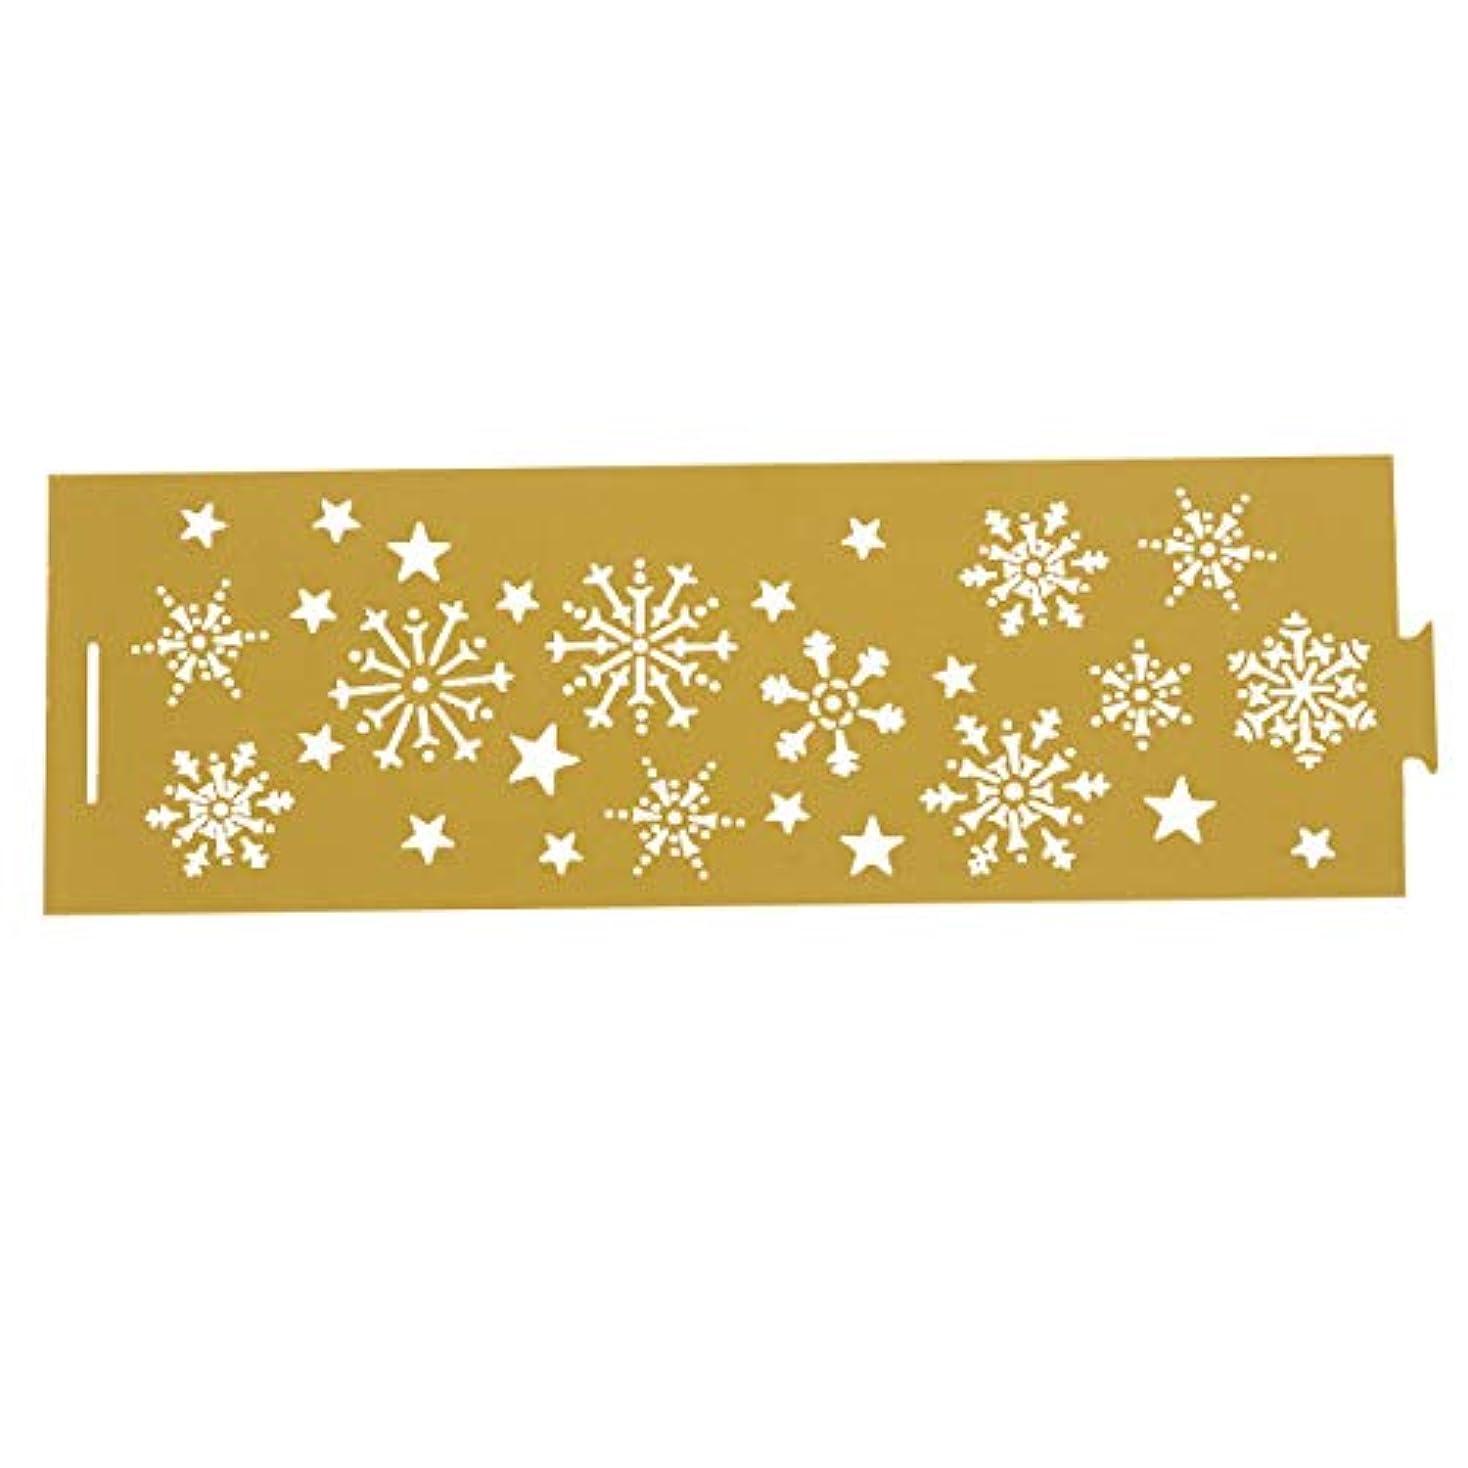 ウガンダ階下病BESTONZON 50ピースled電子キャンドルラッパーライト中空キャンドルシェードカバーペーパーラッパーペーパーキャンドル装飾(ゴールデン)